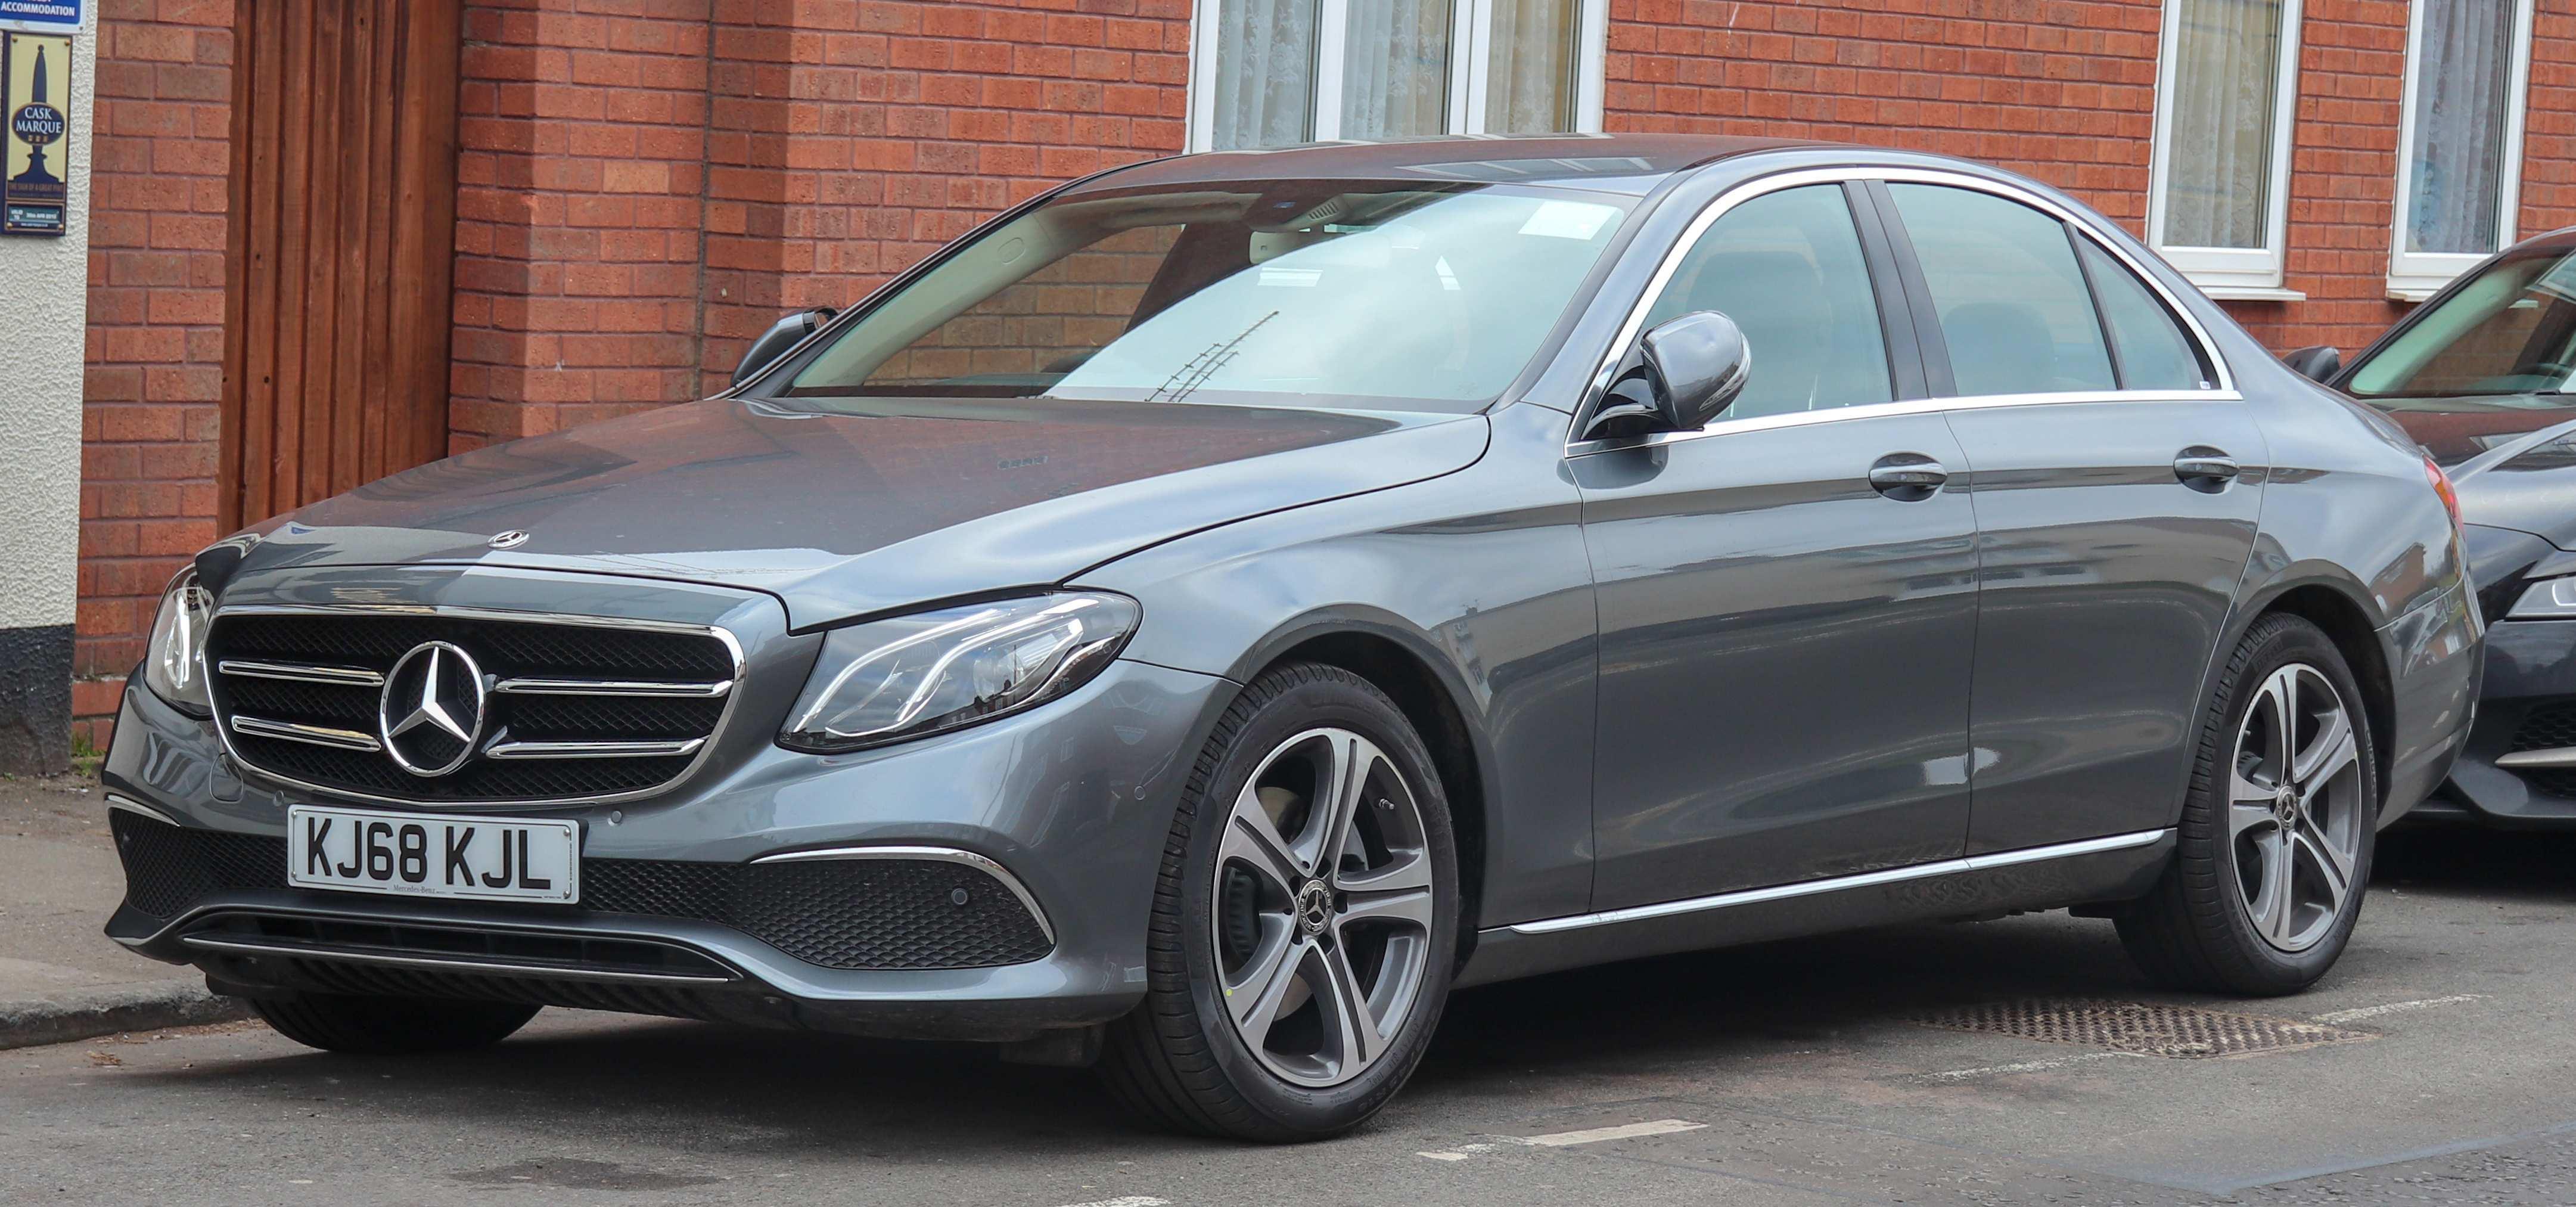 16 Best Review Mercedes B Klasse 2019 Prices by Mercedes B Klasse 2019